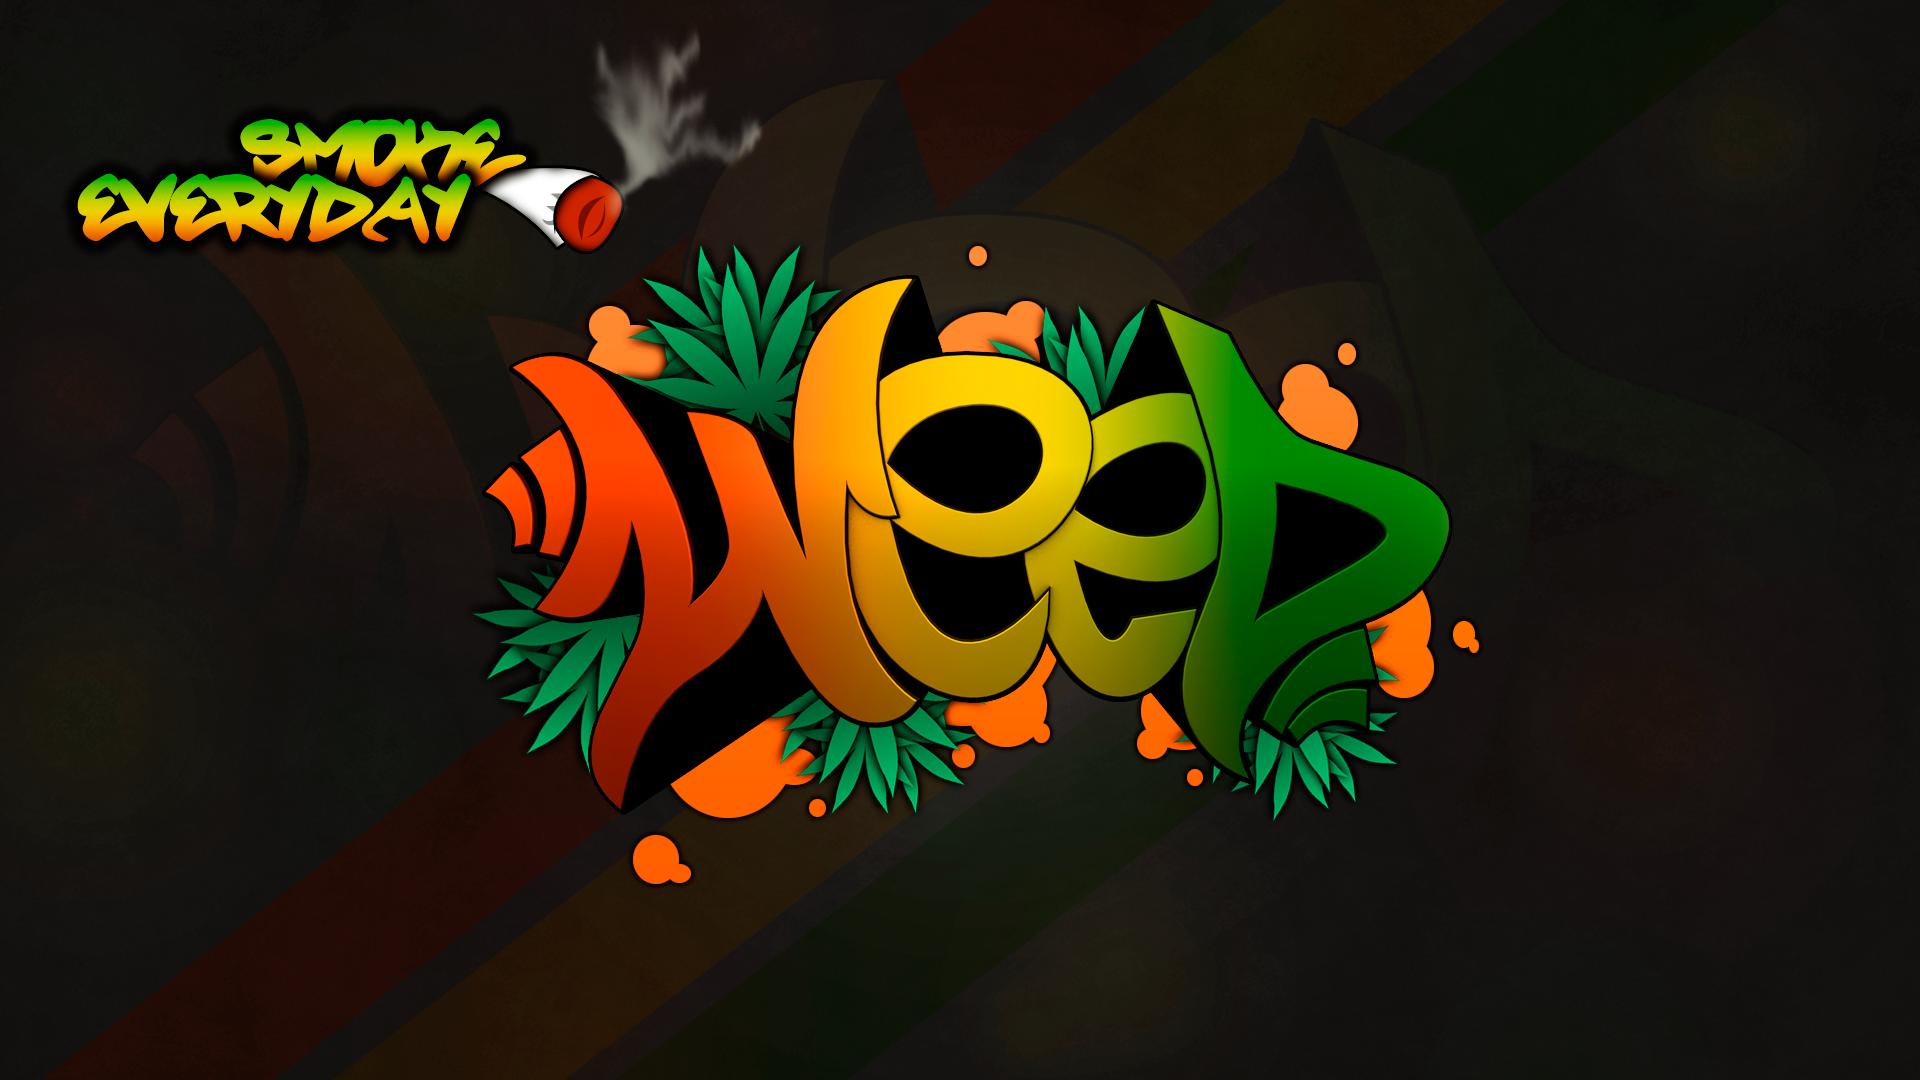 weed logo hd - photo #31